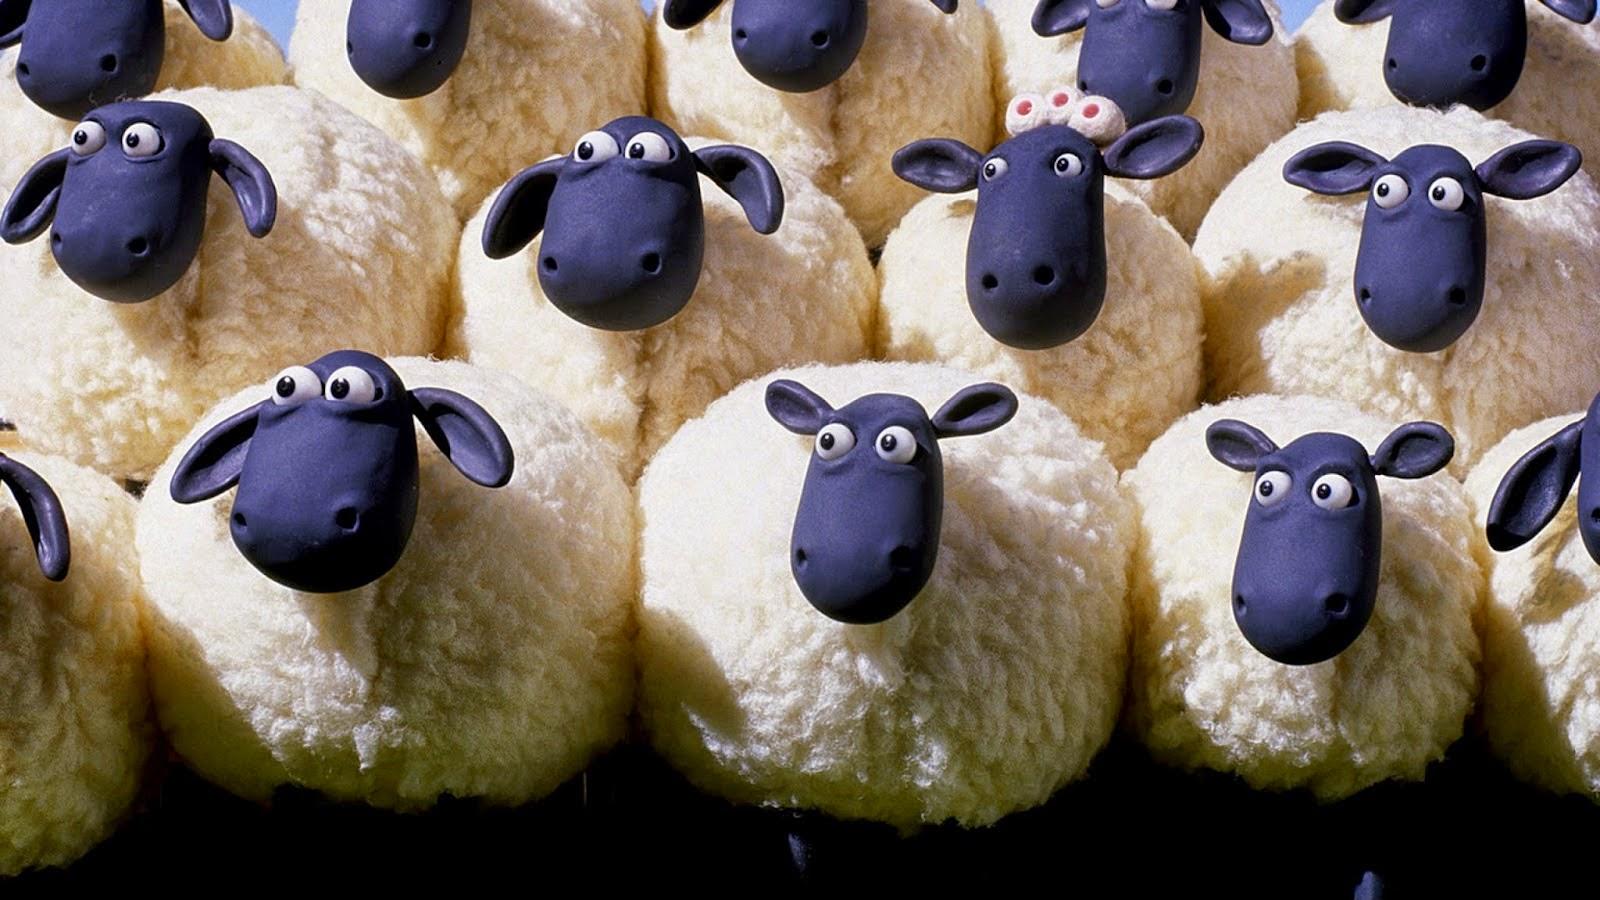 http://1.bp.blogspot.com/-VNBO7_qNcM4/VMOksd2lWfI/AAAAAAAAcLc/evkgn4jpr2k/s1600/moutons2.jpg